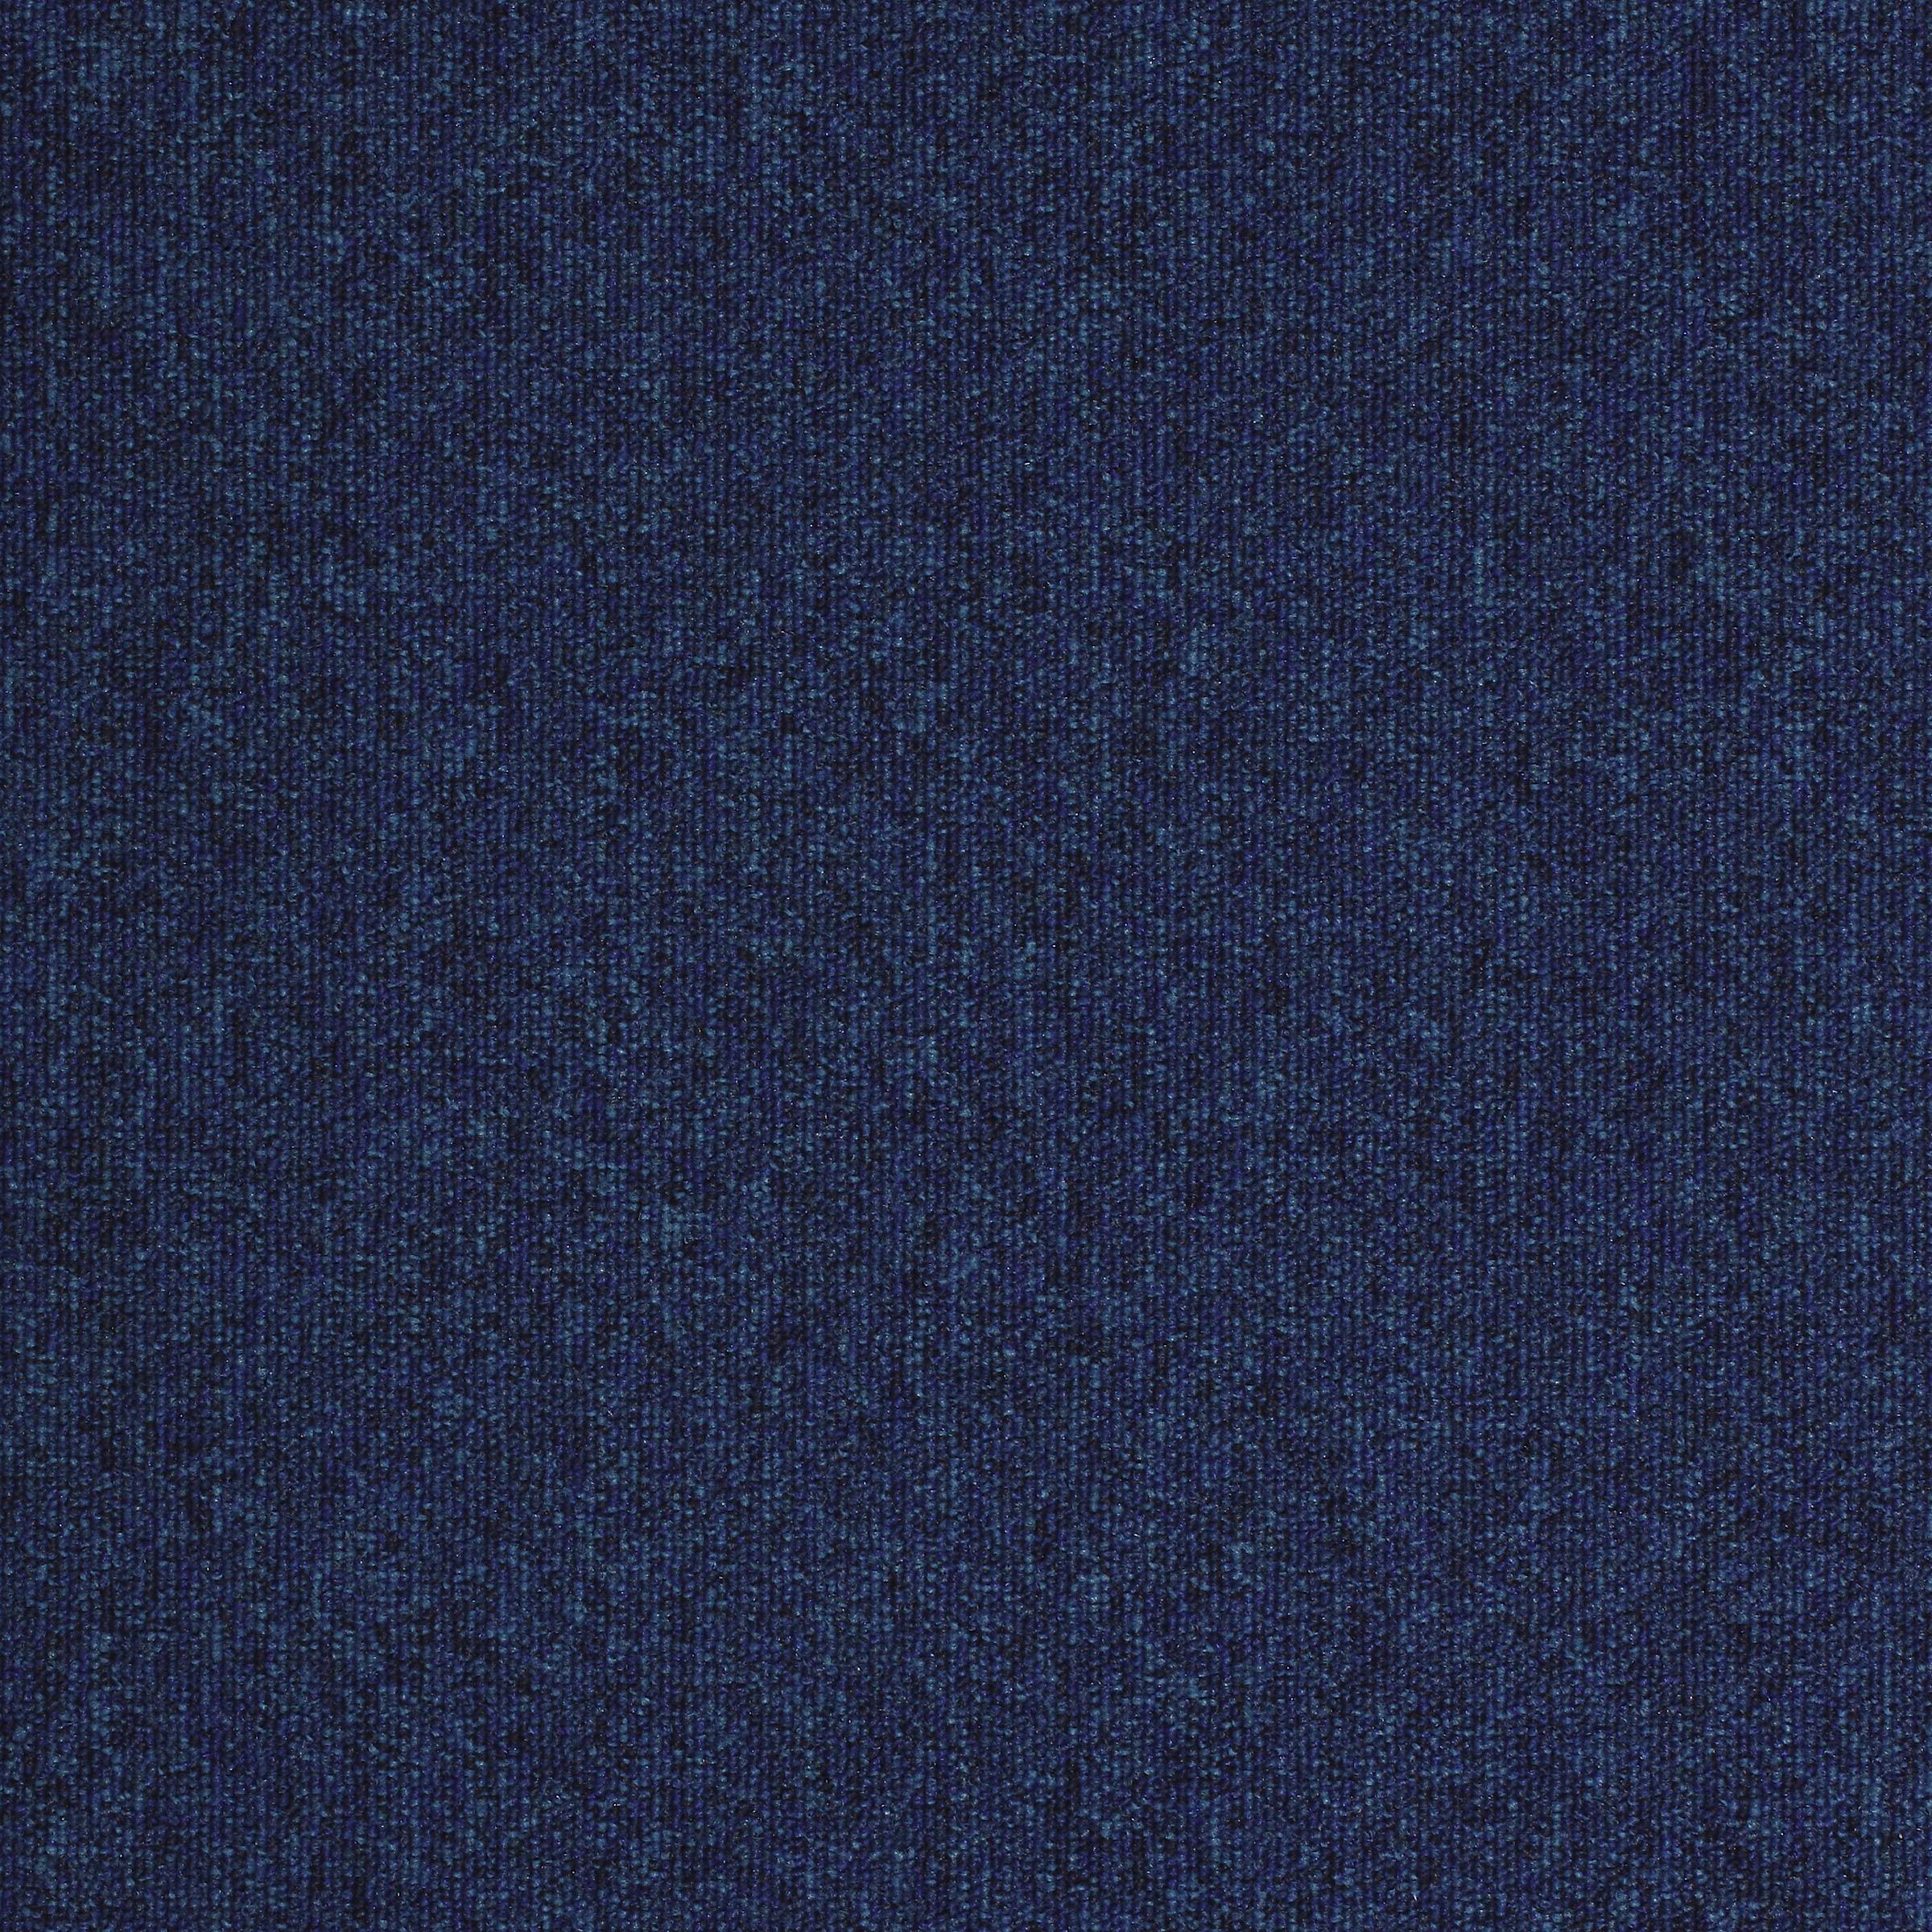 Workspace Loop Indigo Carpet Tiles Paragon Carpets